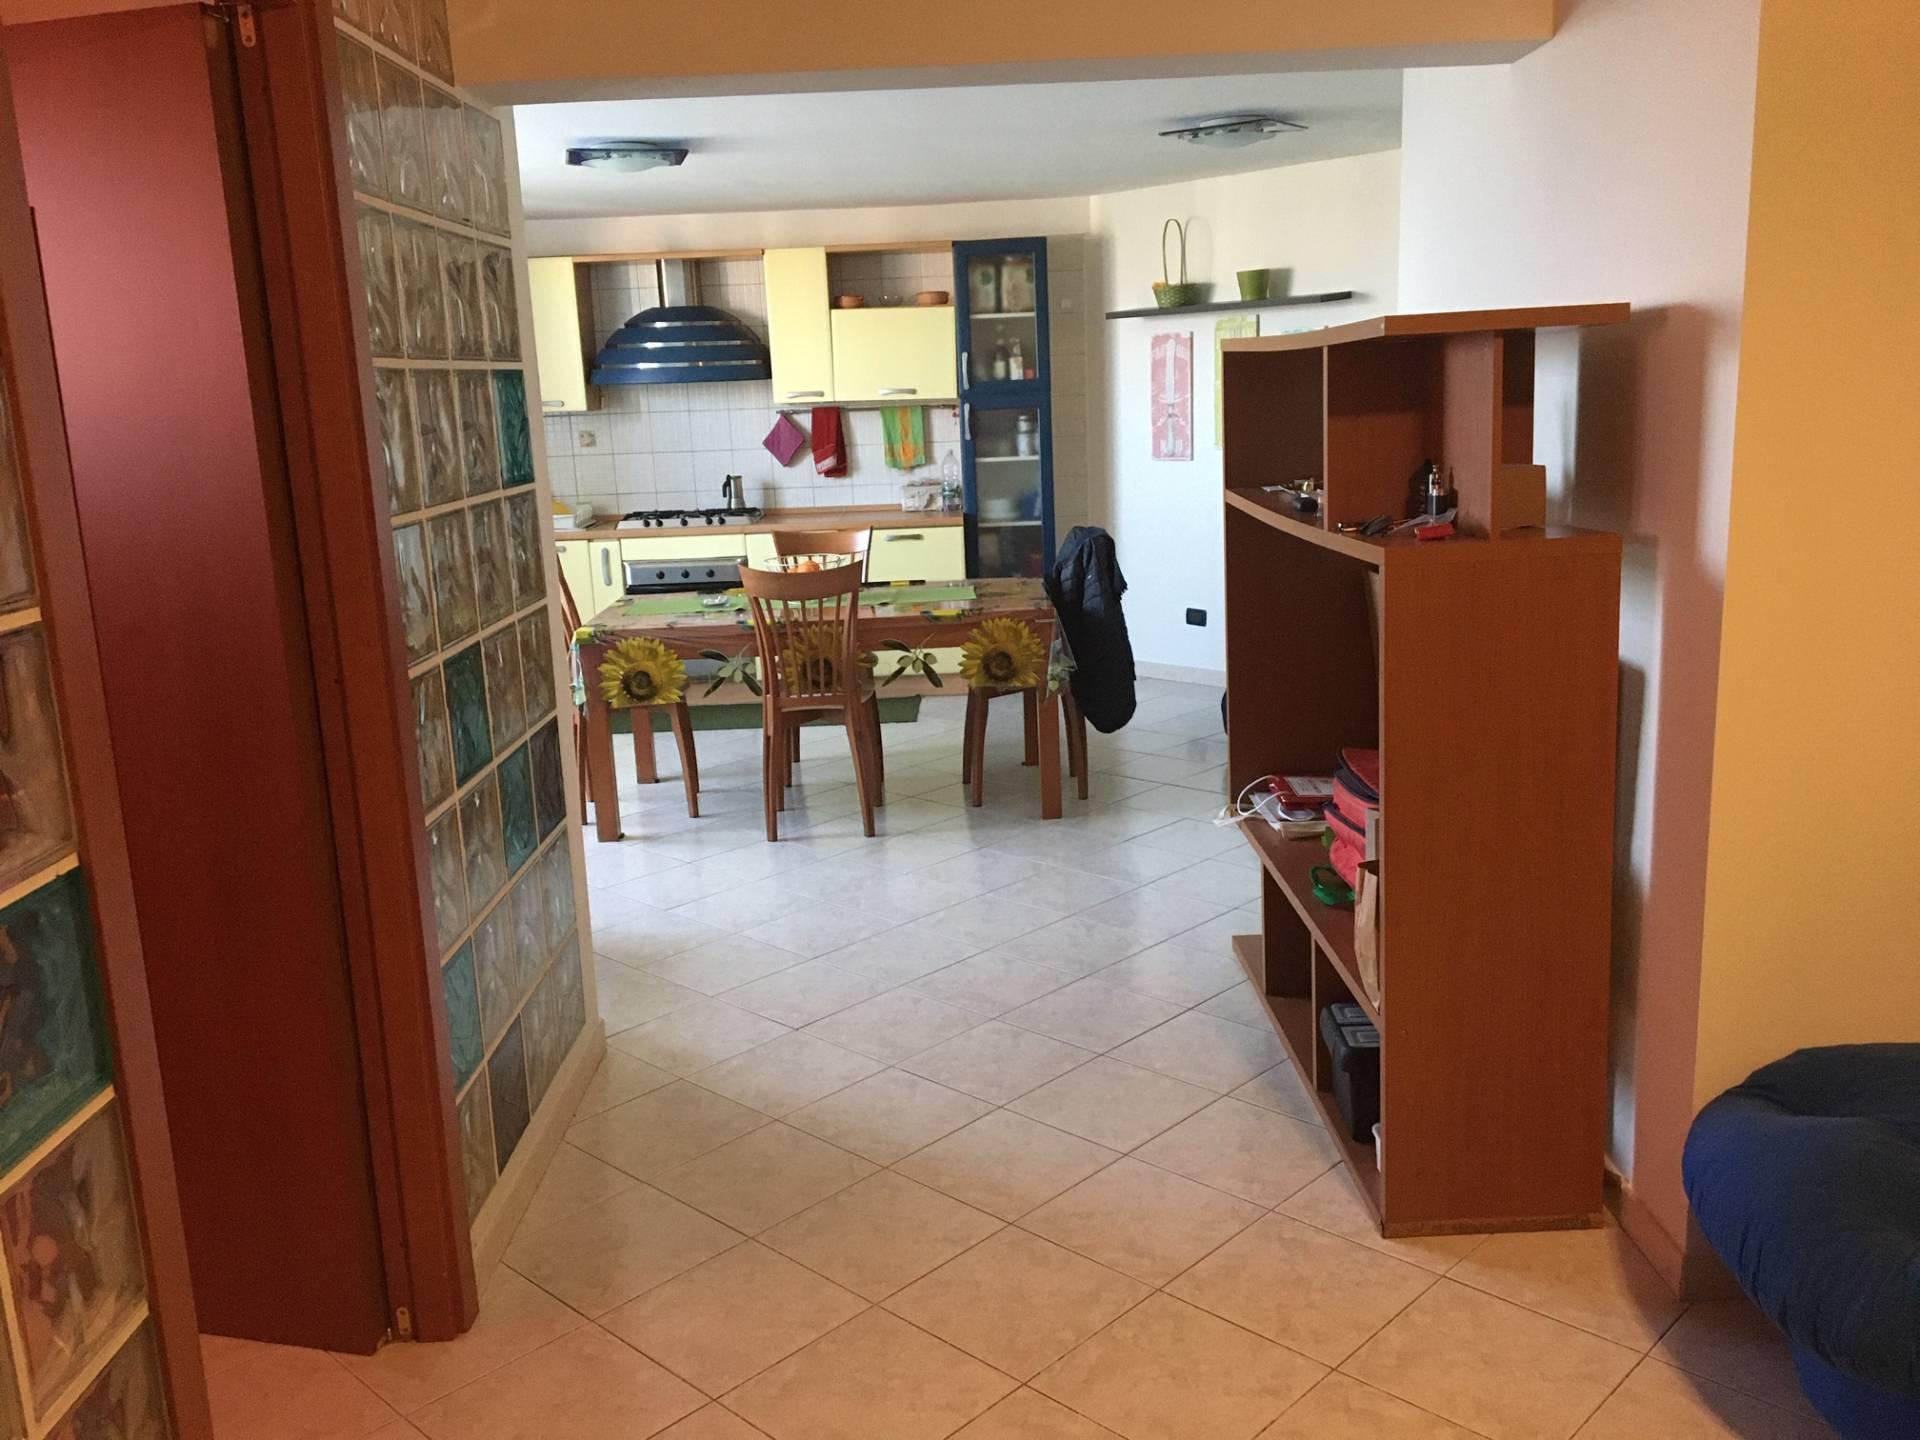 Appartamento in vendita a Catanzaro, 3 locali, zona Località: ViaB.DaSeminara, prezzo € 68.000 | CambioCasa.it